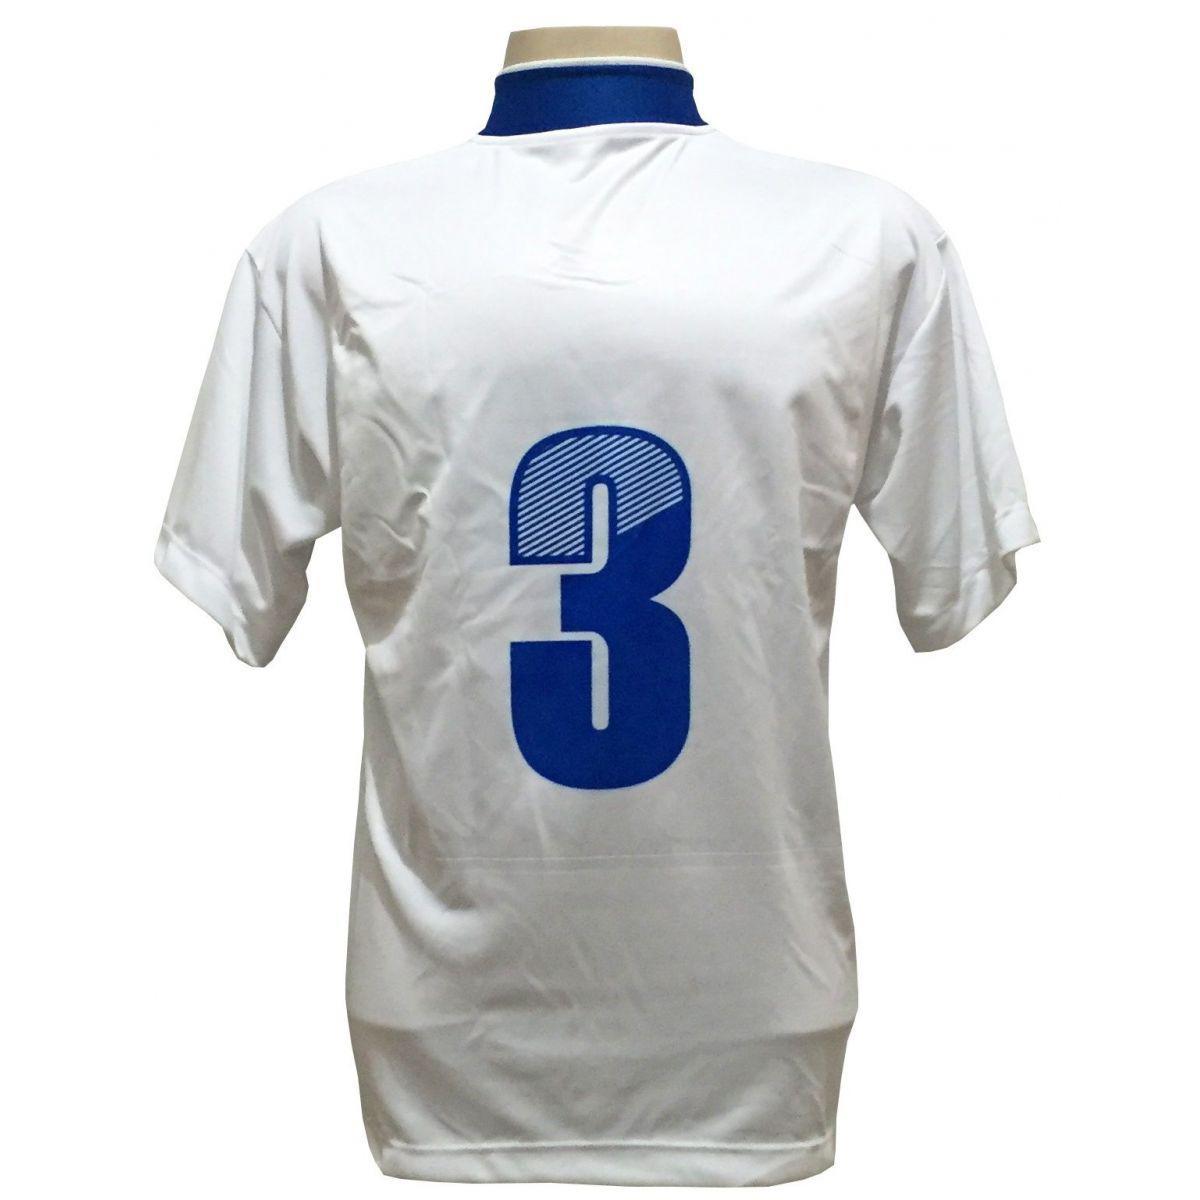 8fa2fe6d1c Uniforme Esportivo com 14 camisas modelo Suécia Branco Royal + 14 calções  modelo Copa Royal Branco + Brindes - Play fair R  569